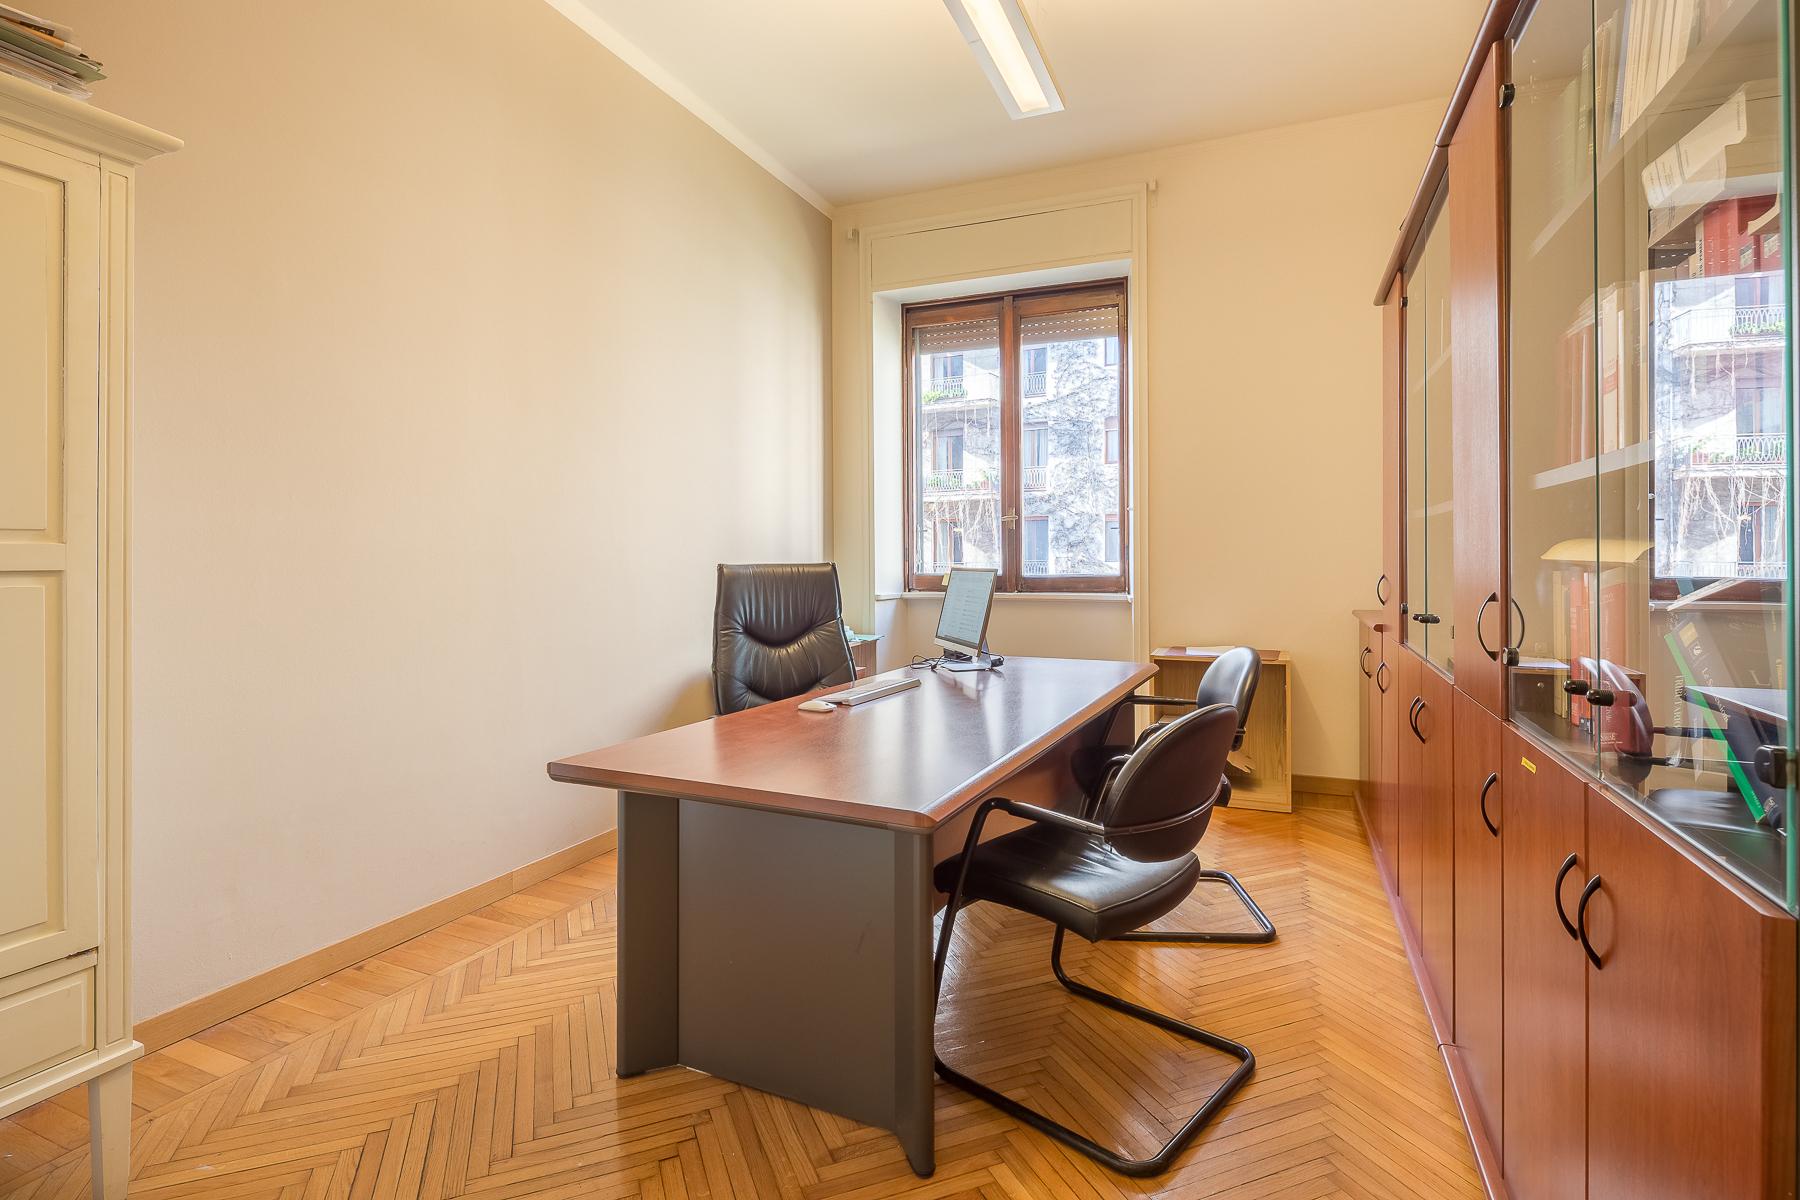 Ufficio-studio in Vendita a Milano: 4 locali, 155 mq - Foto 8